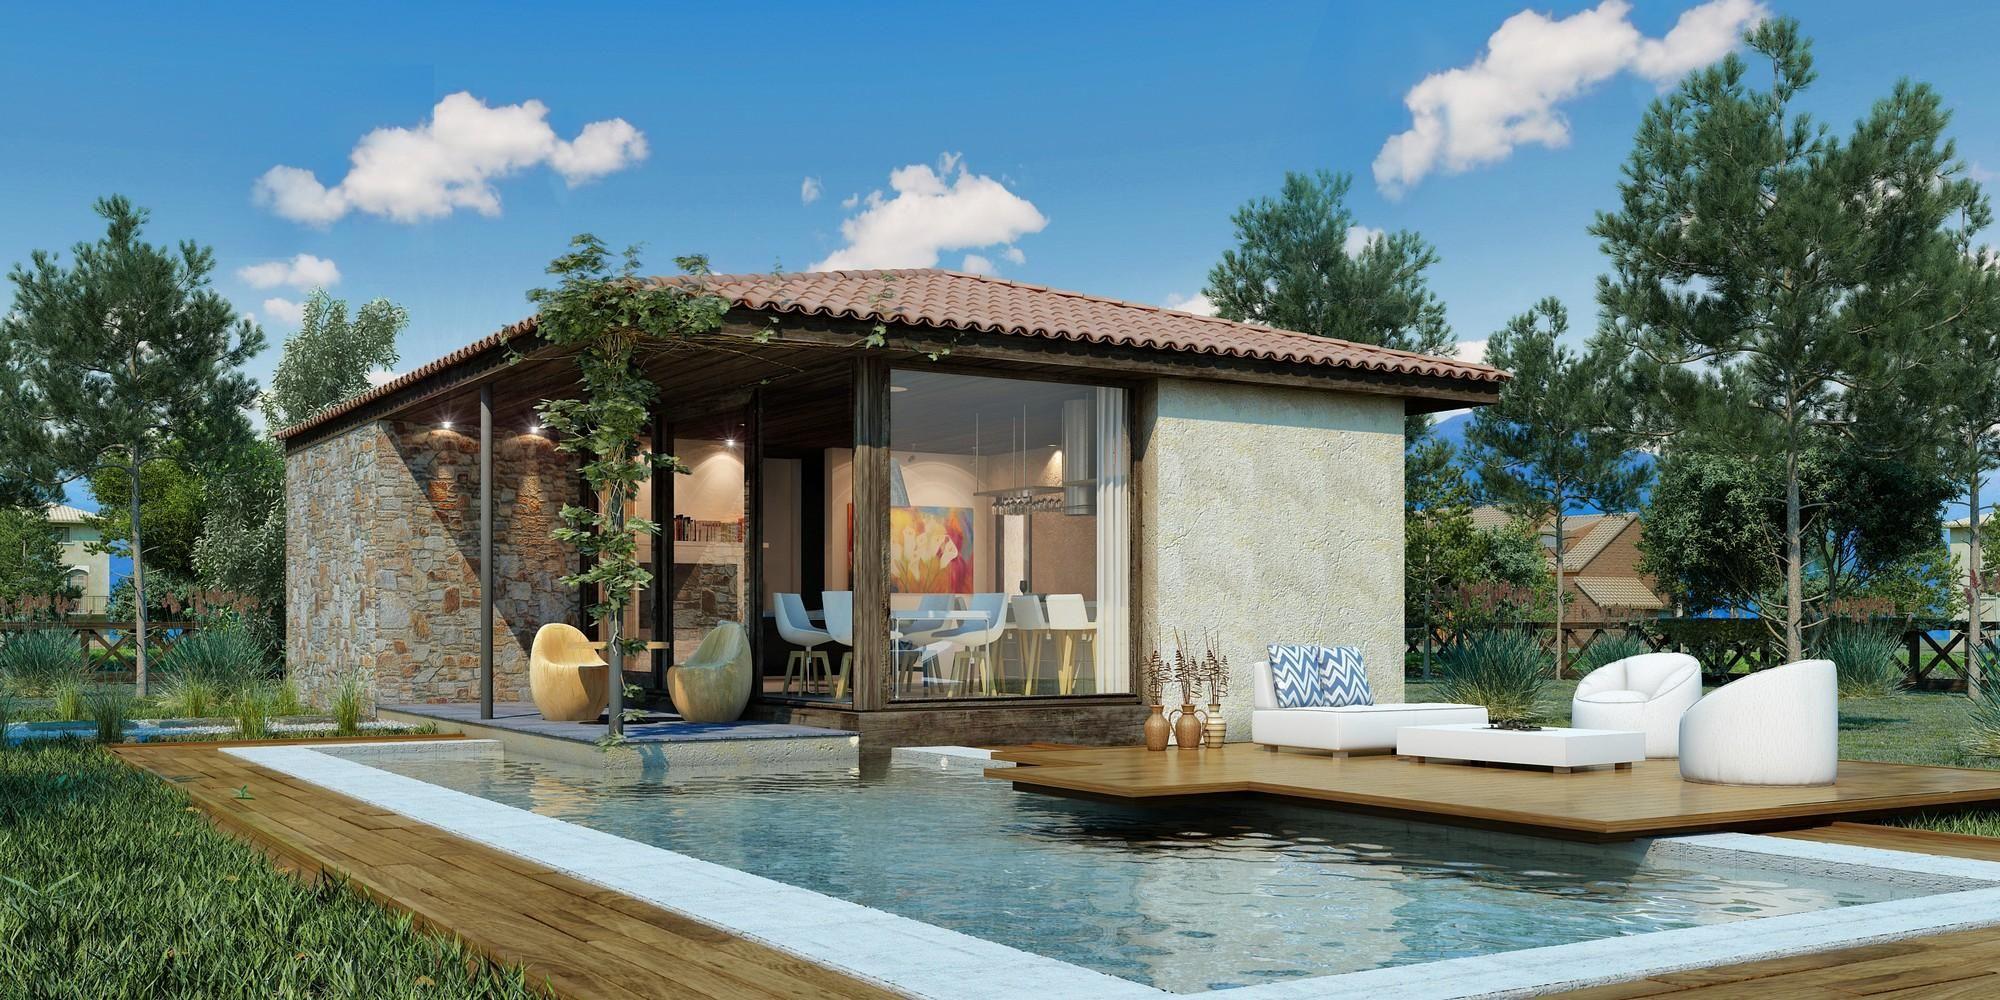 60 casas r sticas inspira es e fotos lindas cottage - Fotos casas rusticas ...